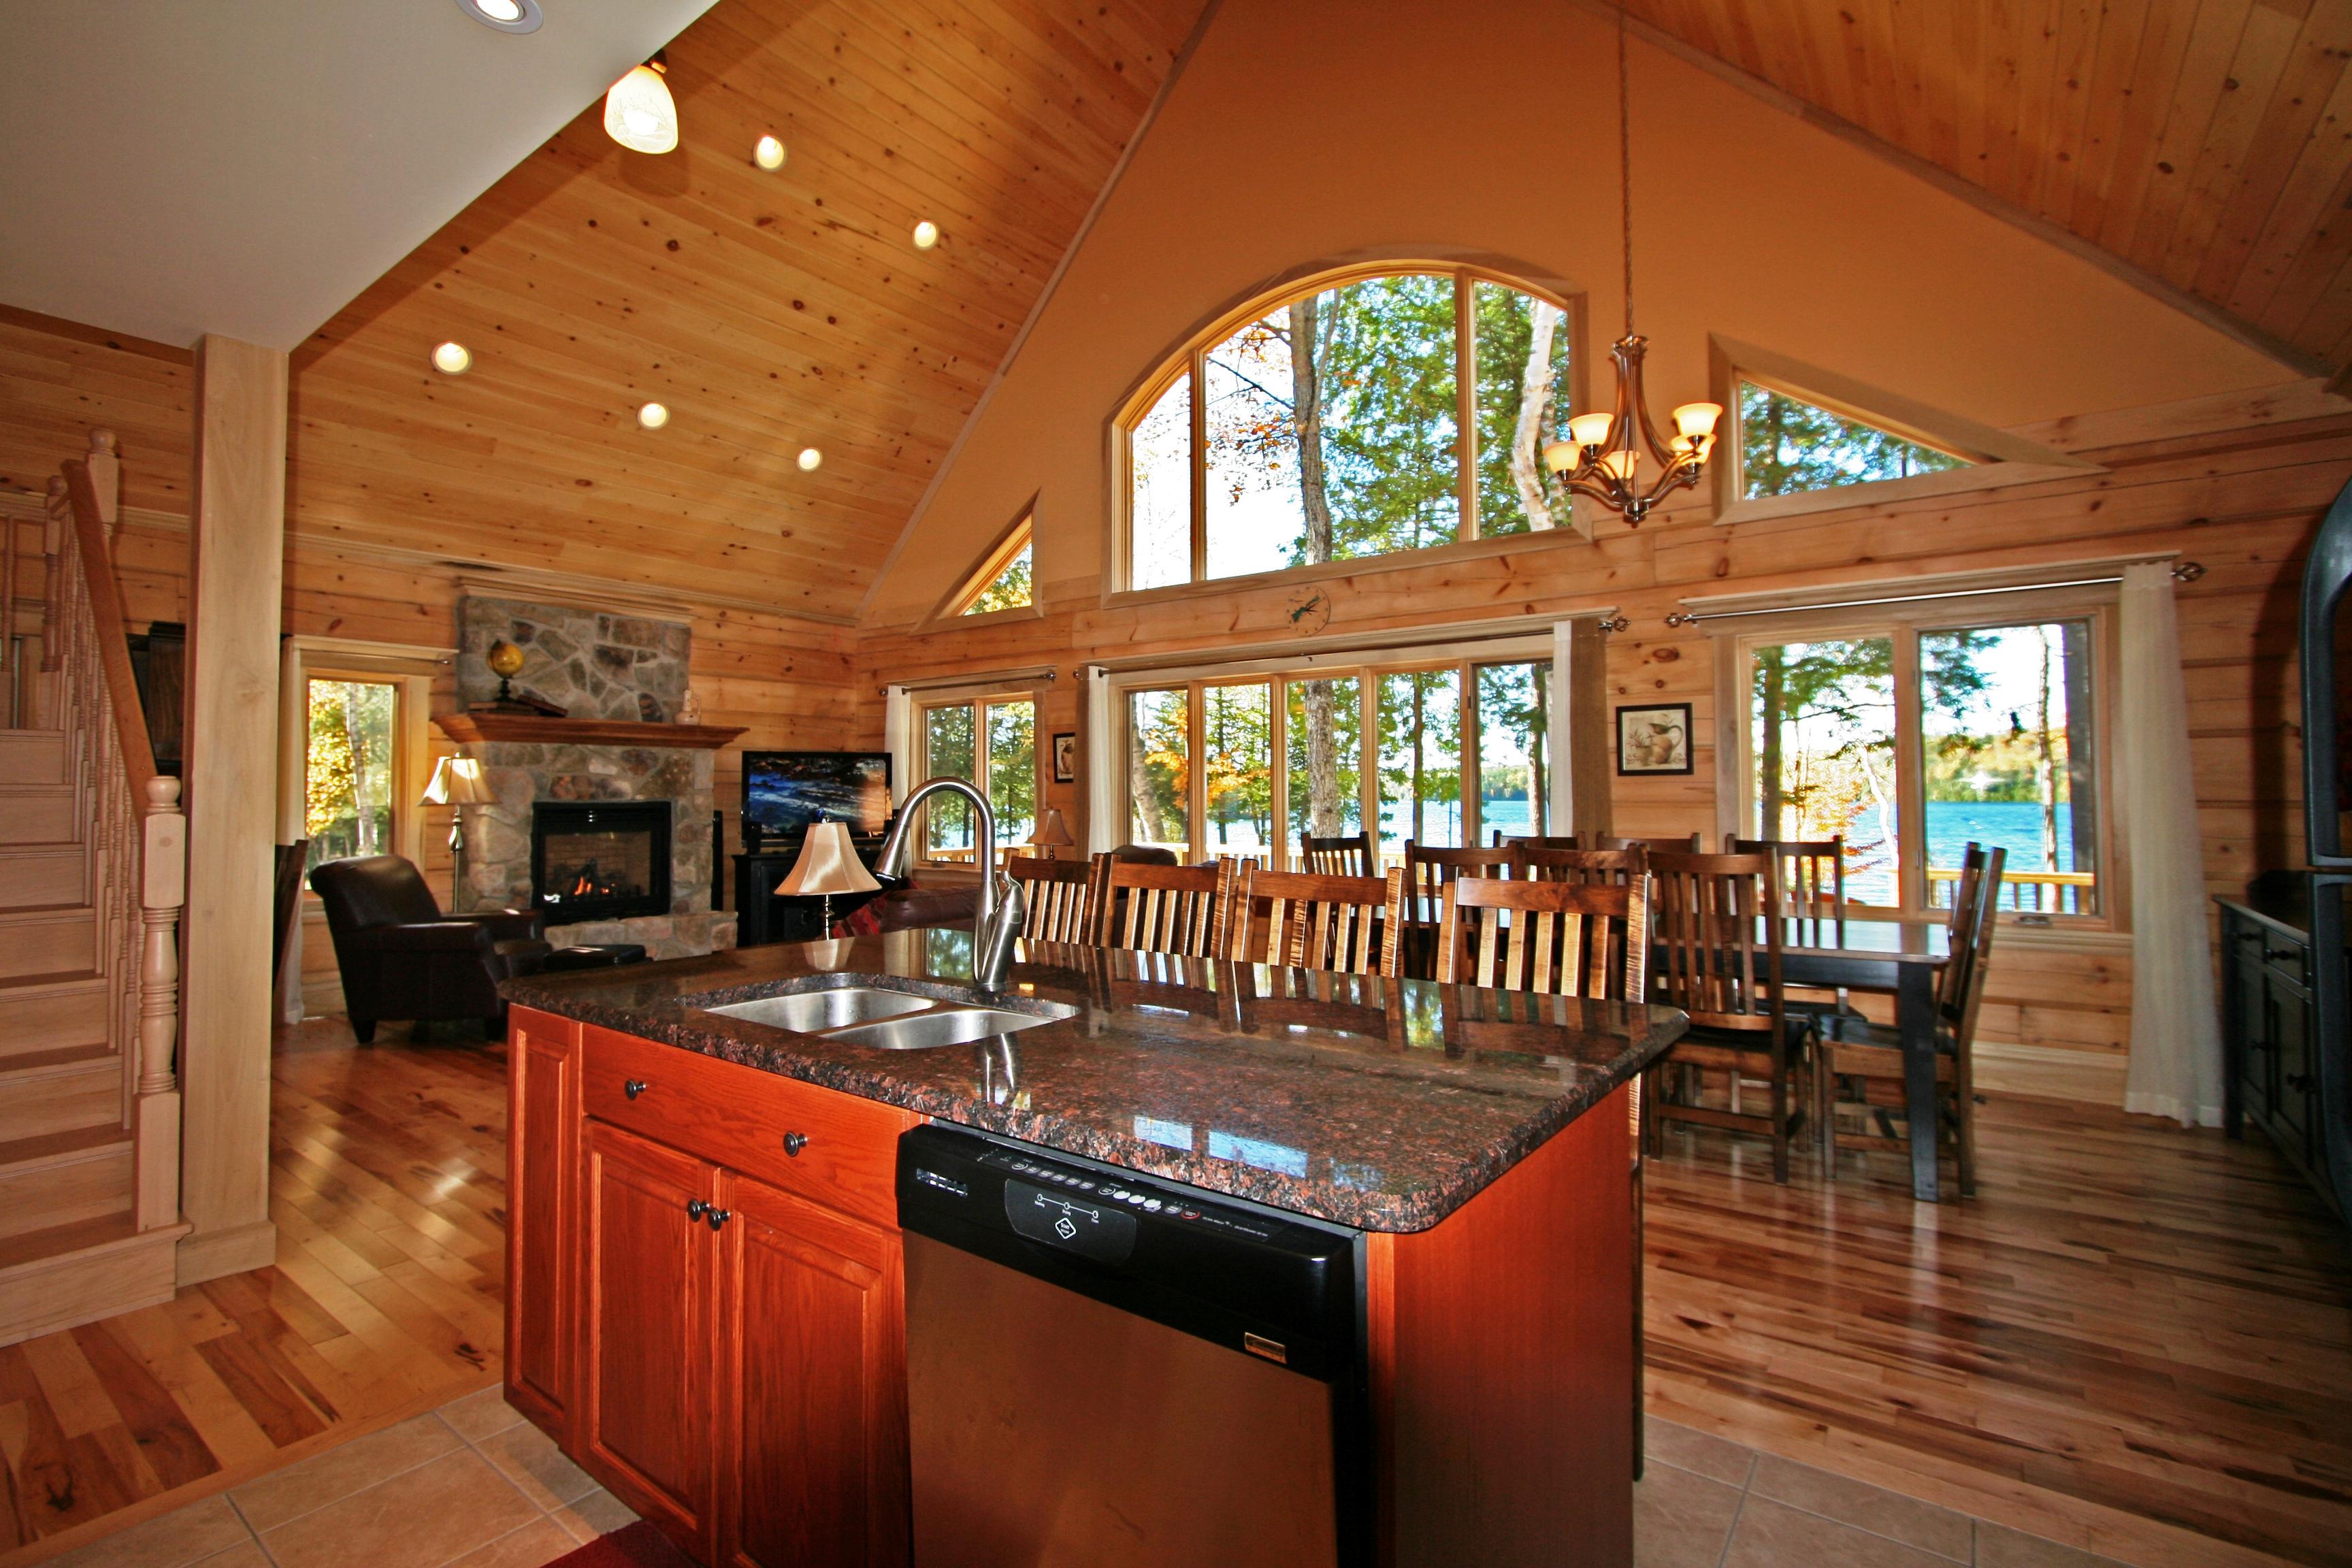 1867 Confederation Log U0026 Timber Frame Homes   Interior ...